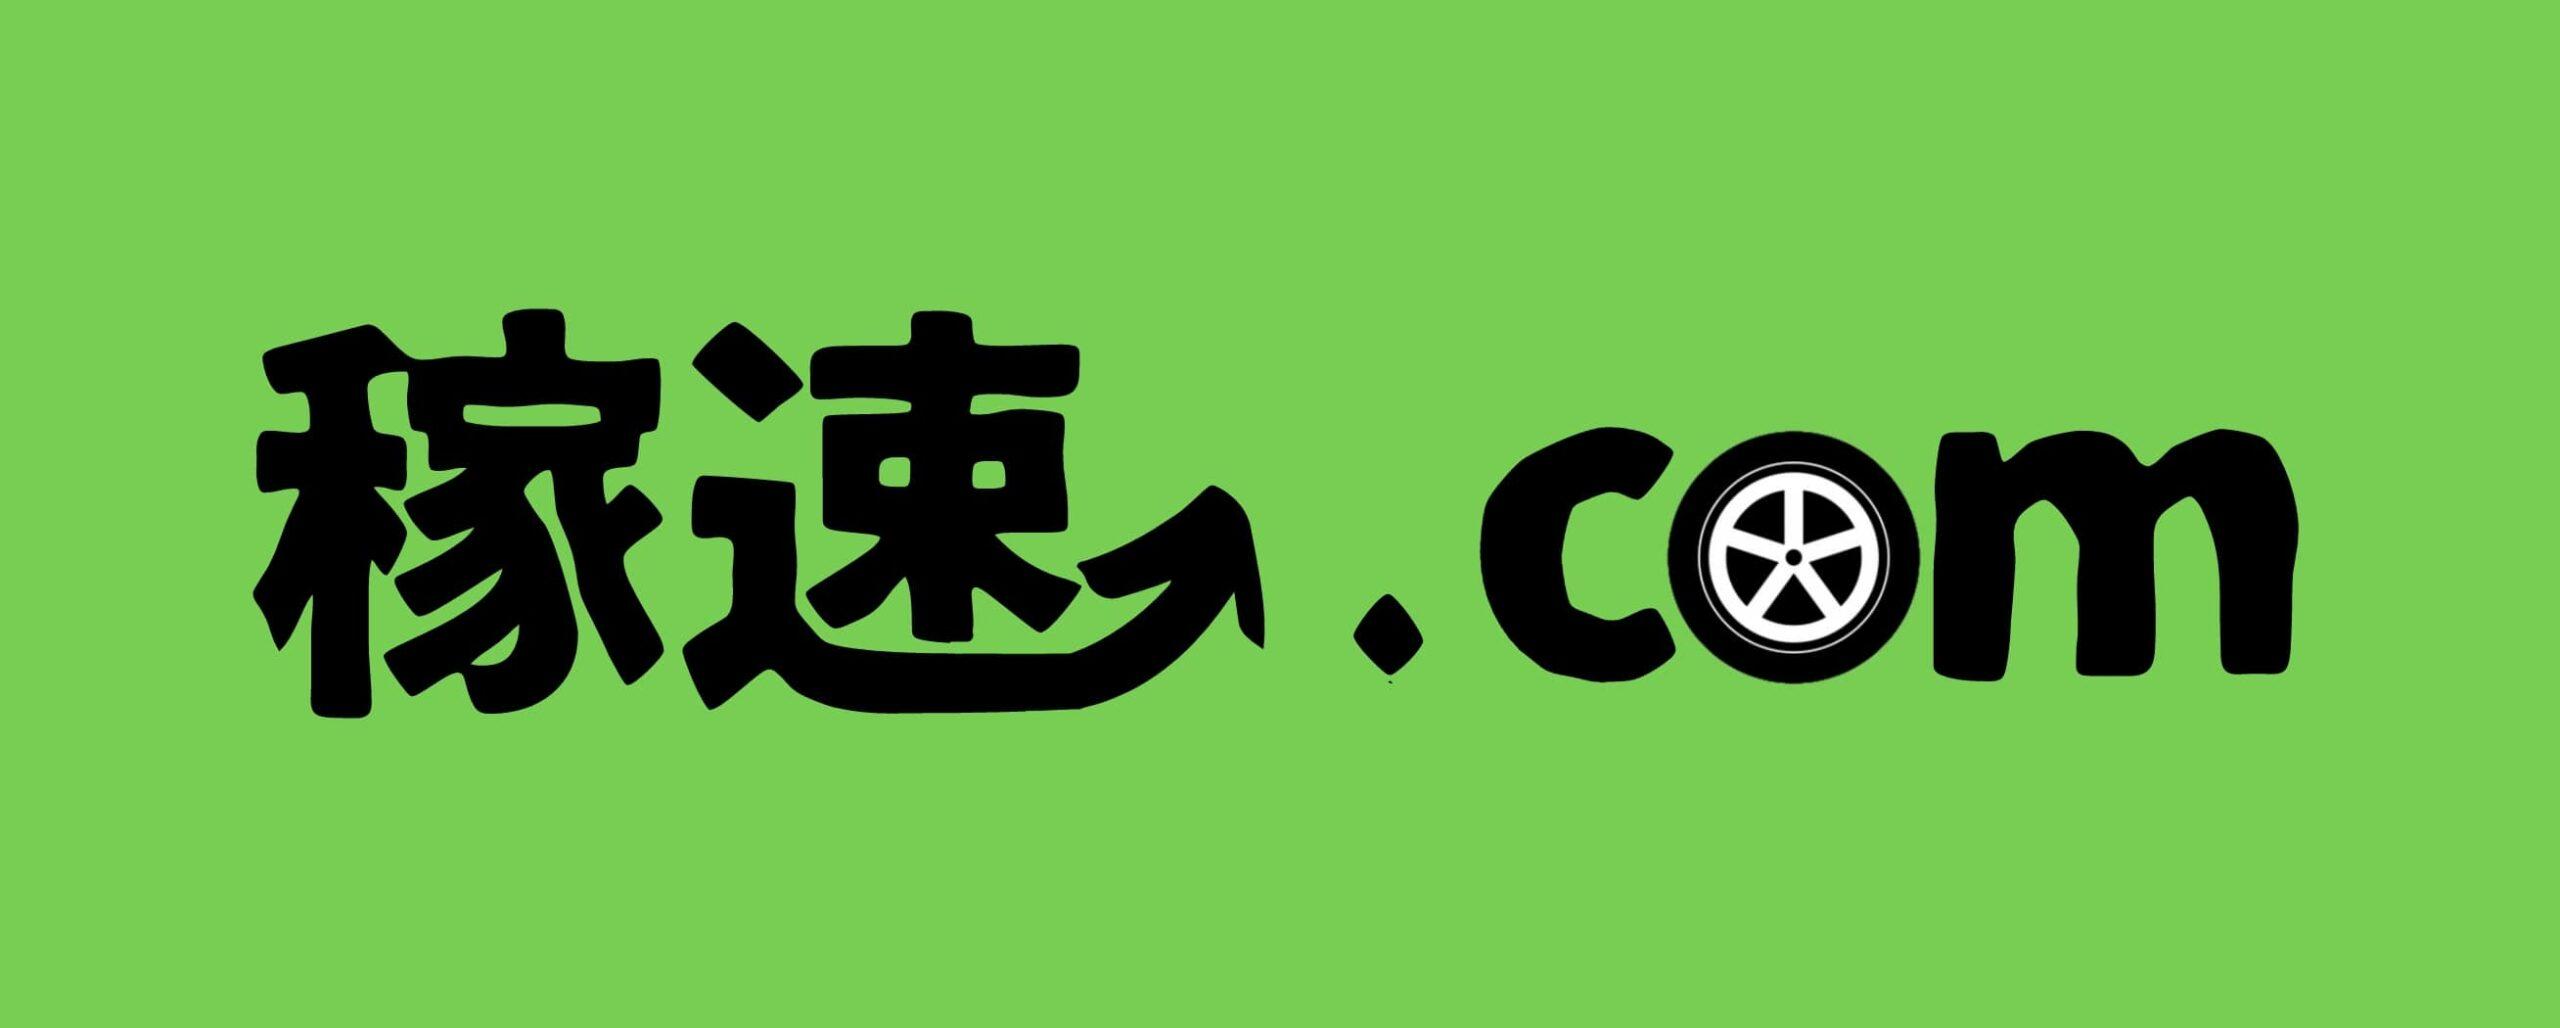 稼速.com|Bitterzと車をこよなく愛するケンタのブログ